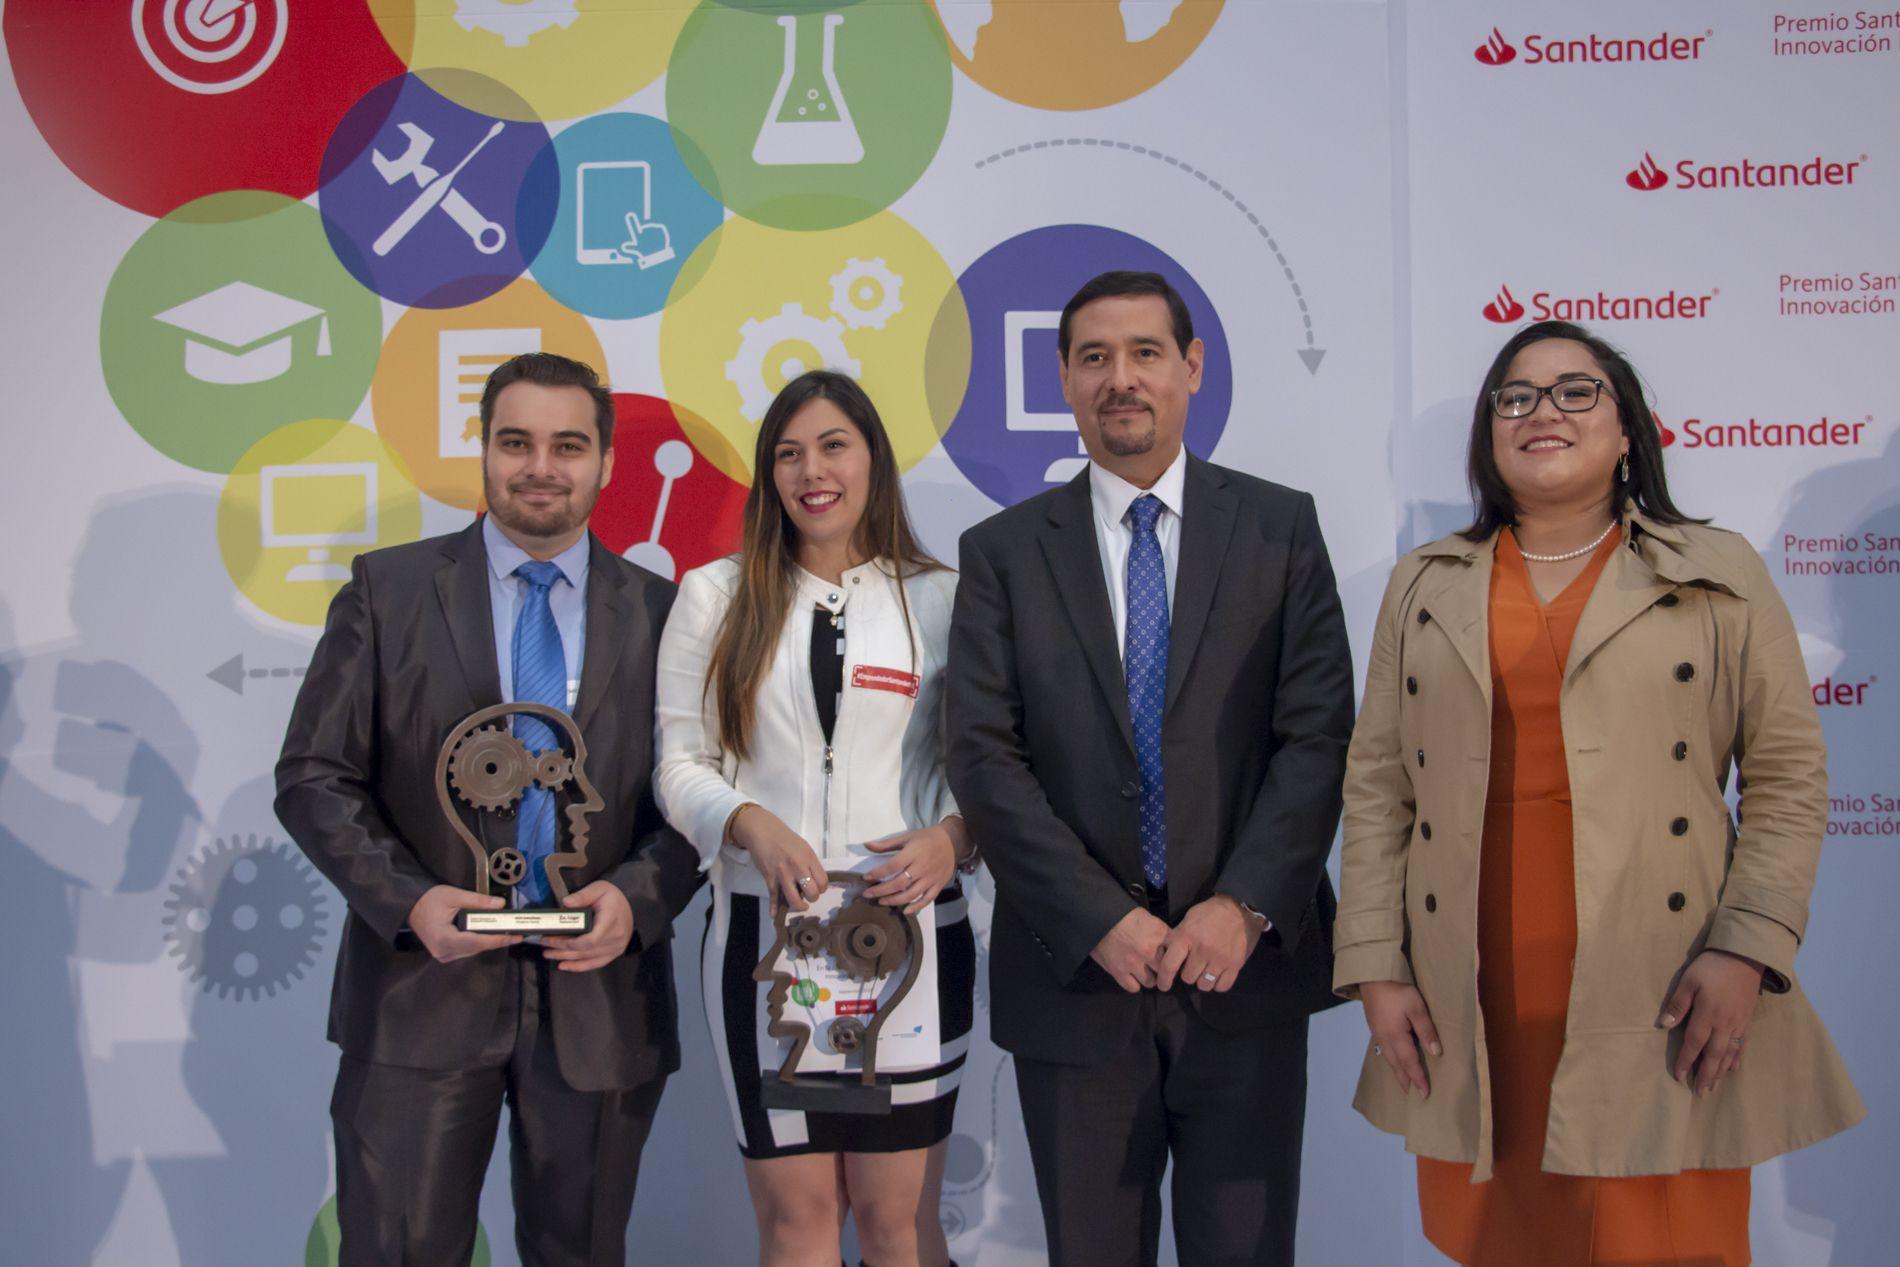 Emprendedores UNITEC ganan 1° y 2° lugar en el Premio Santander 2018 - Featured Image